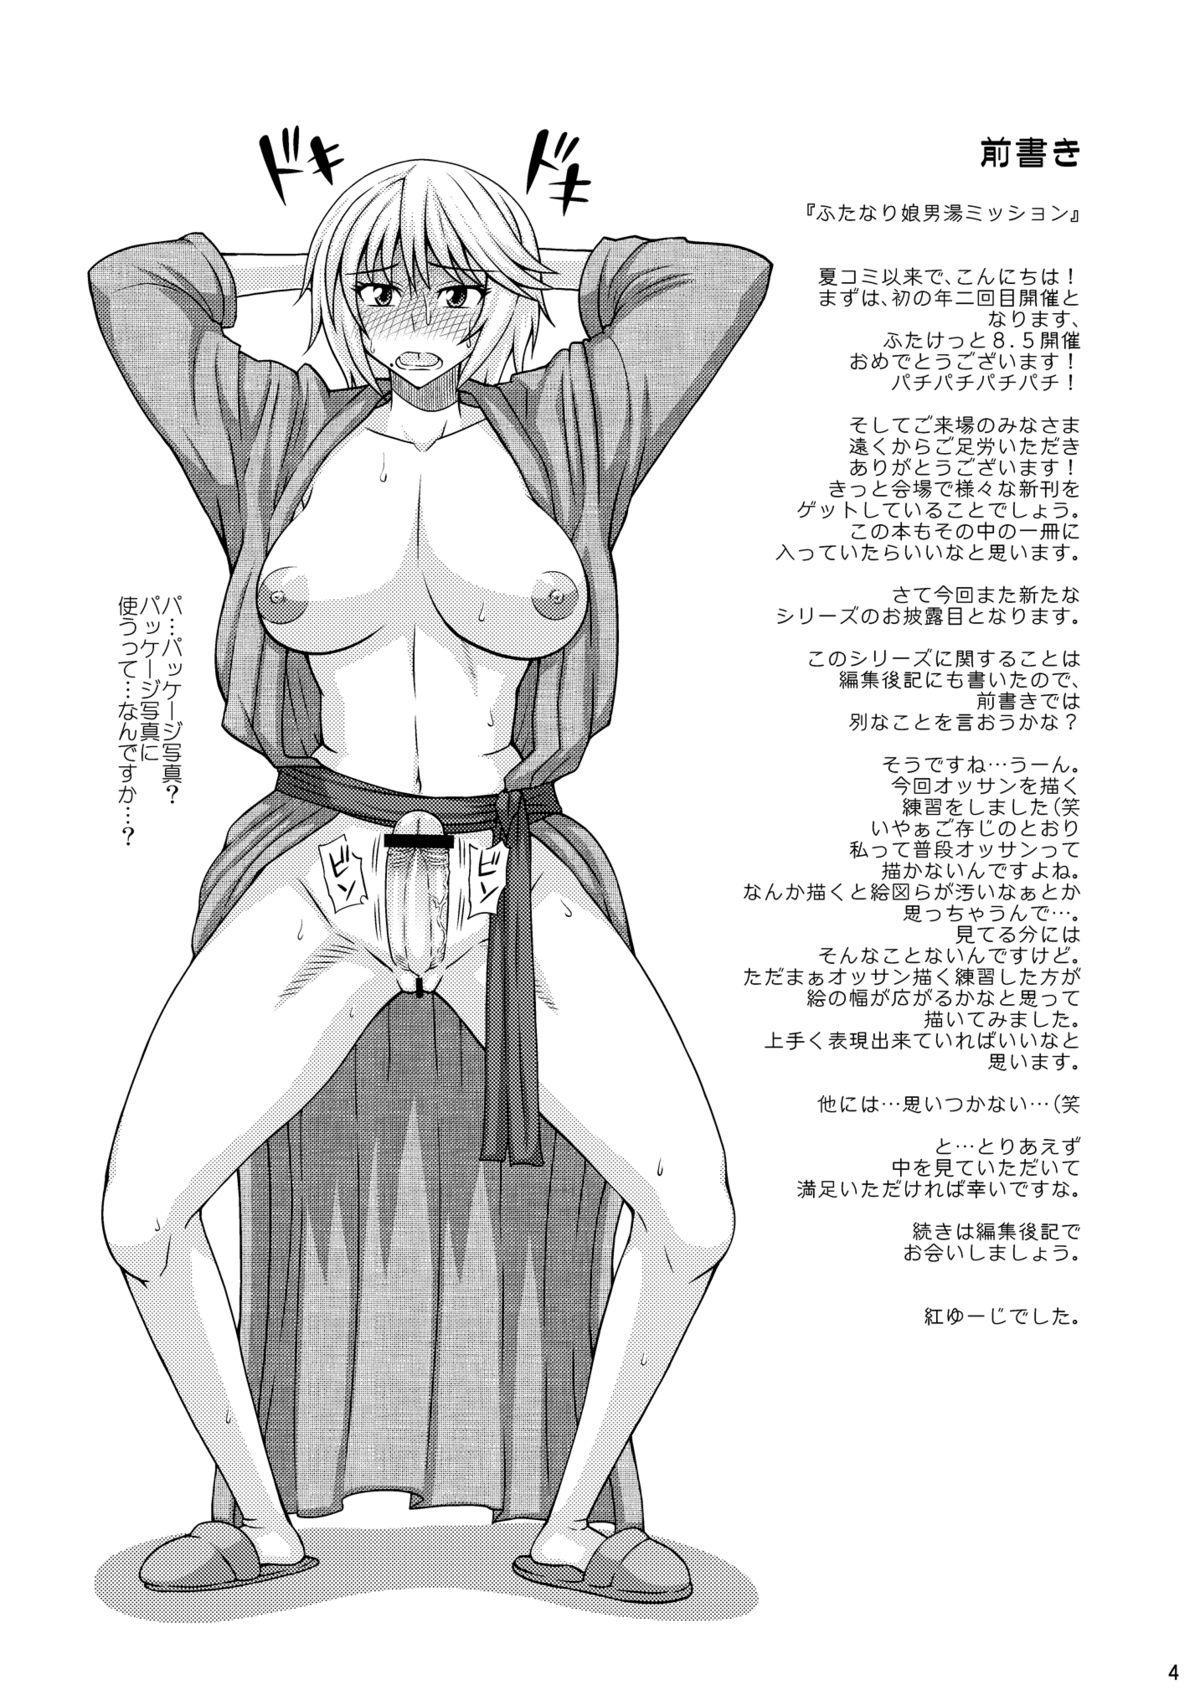 Futanari Musume Otokoyu Mission 2